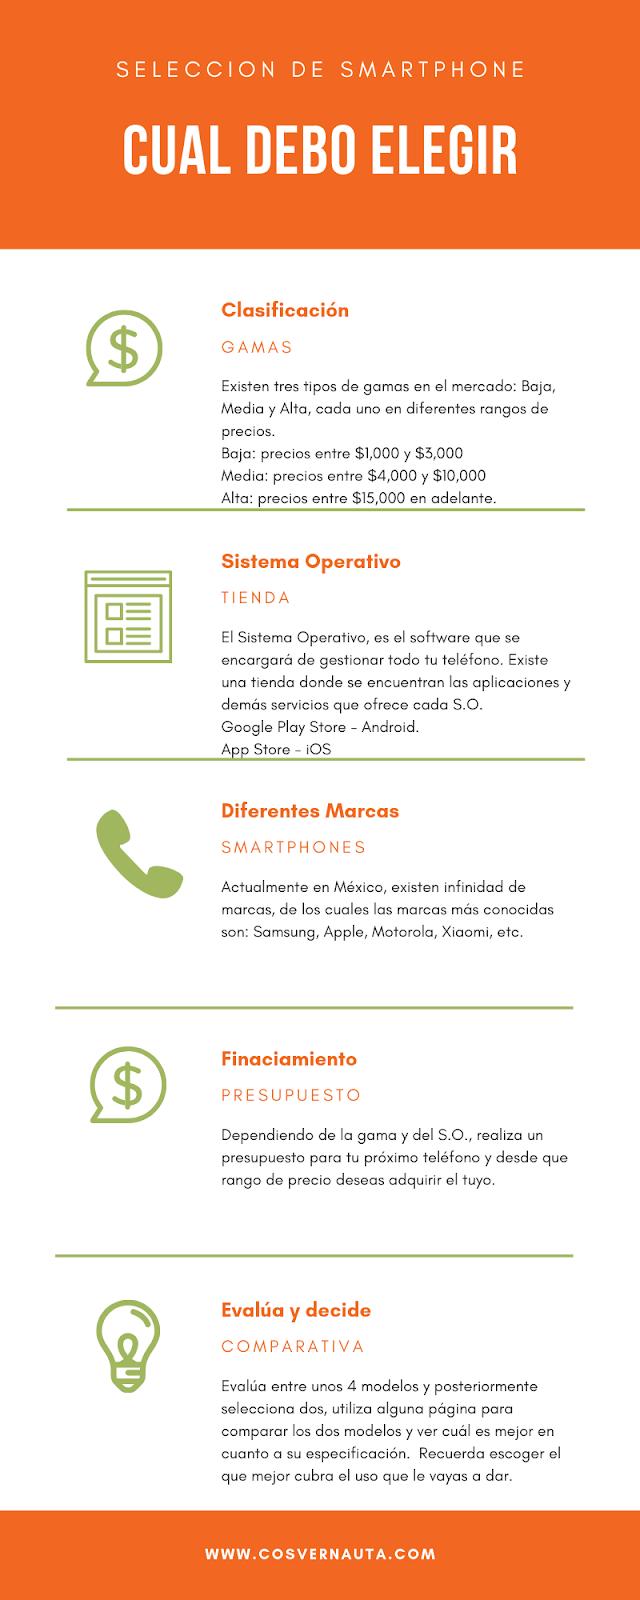 Cosvernauta infografia sobre smartphone